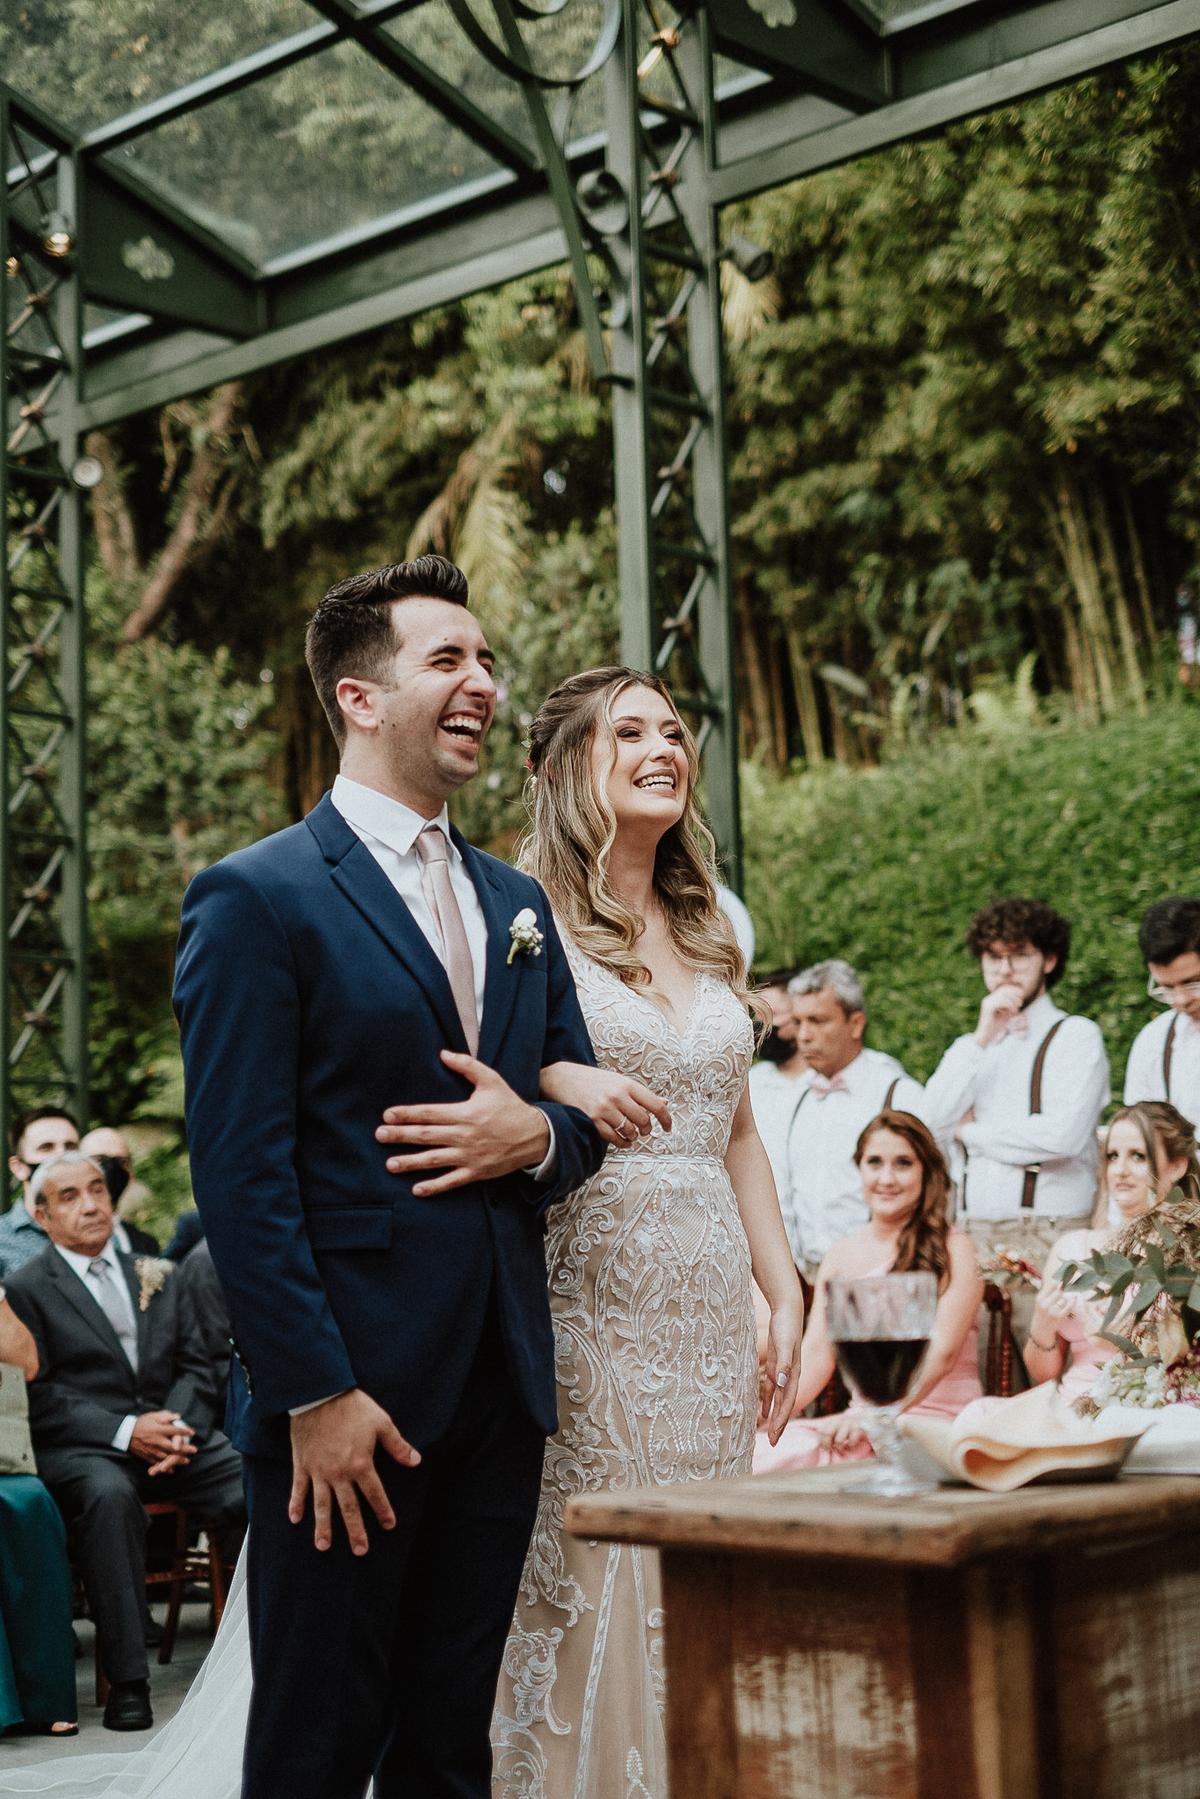 casamento de dia fotos por caio henrique cerimonia no campo sitio sao jorge noivos sorrindo na cerimonia